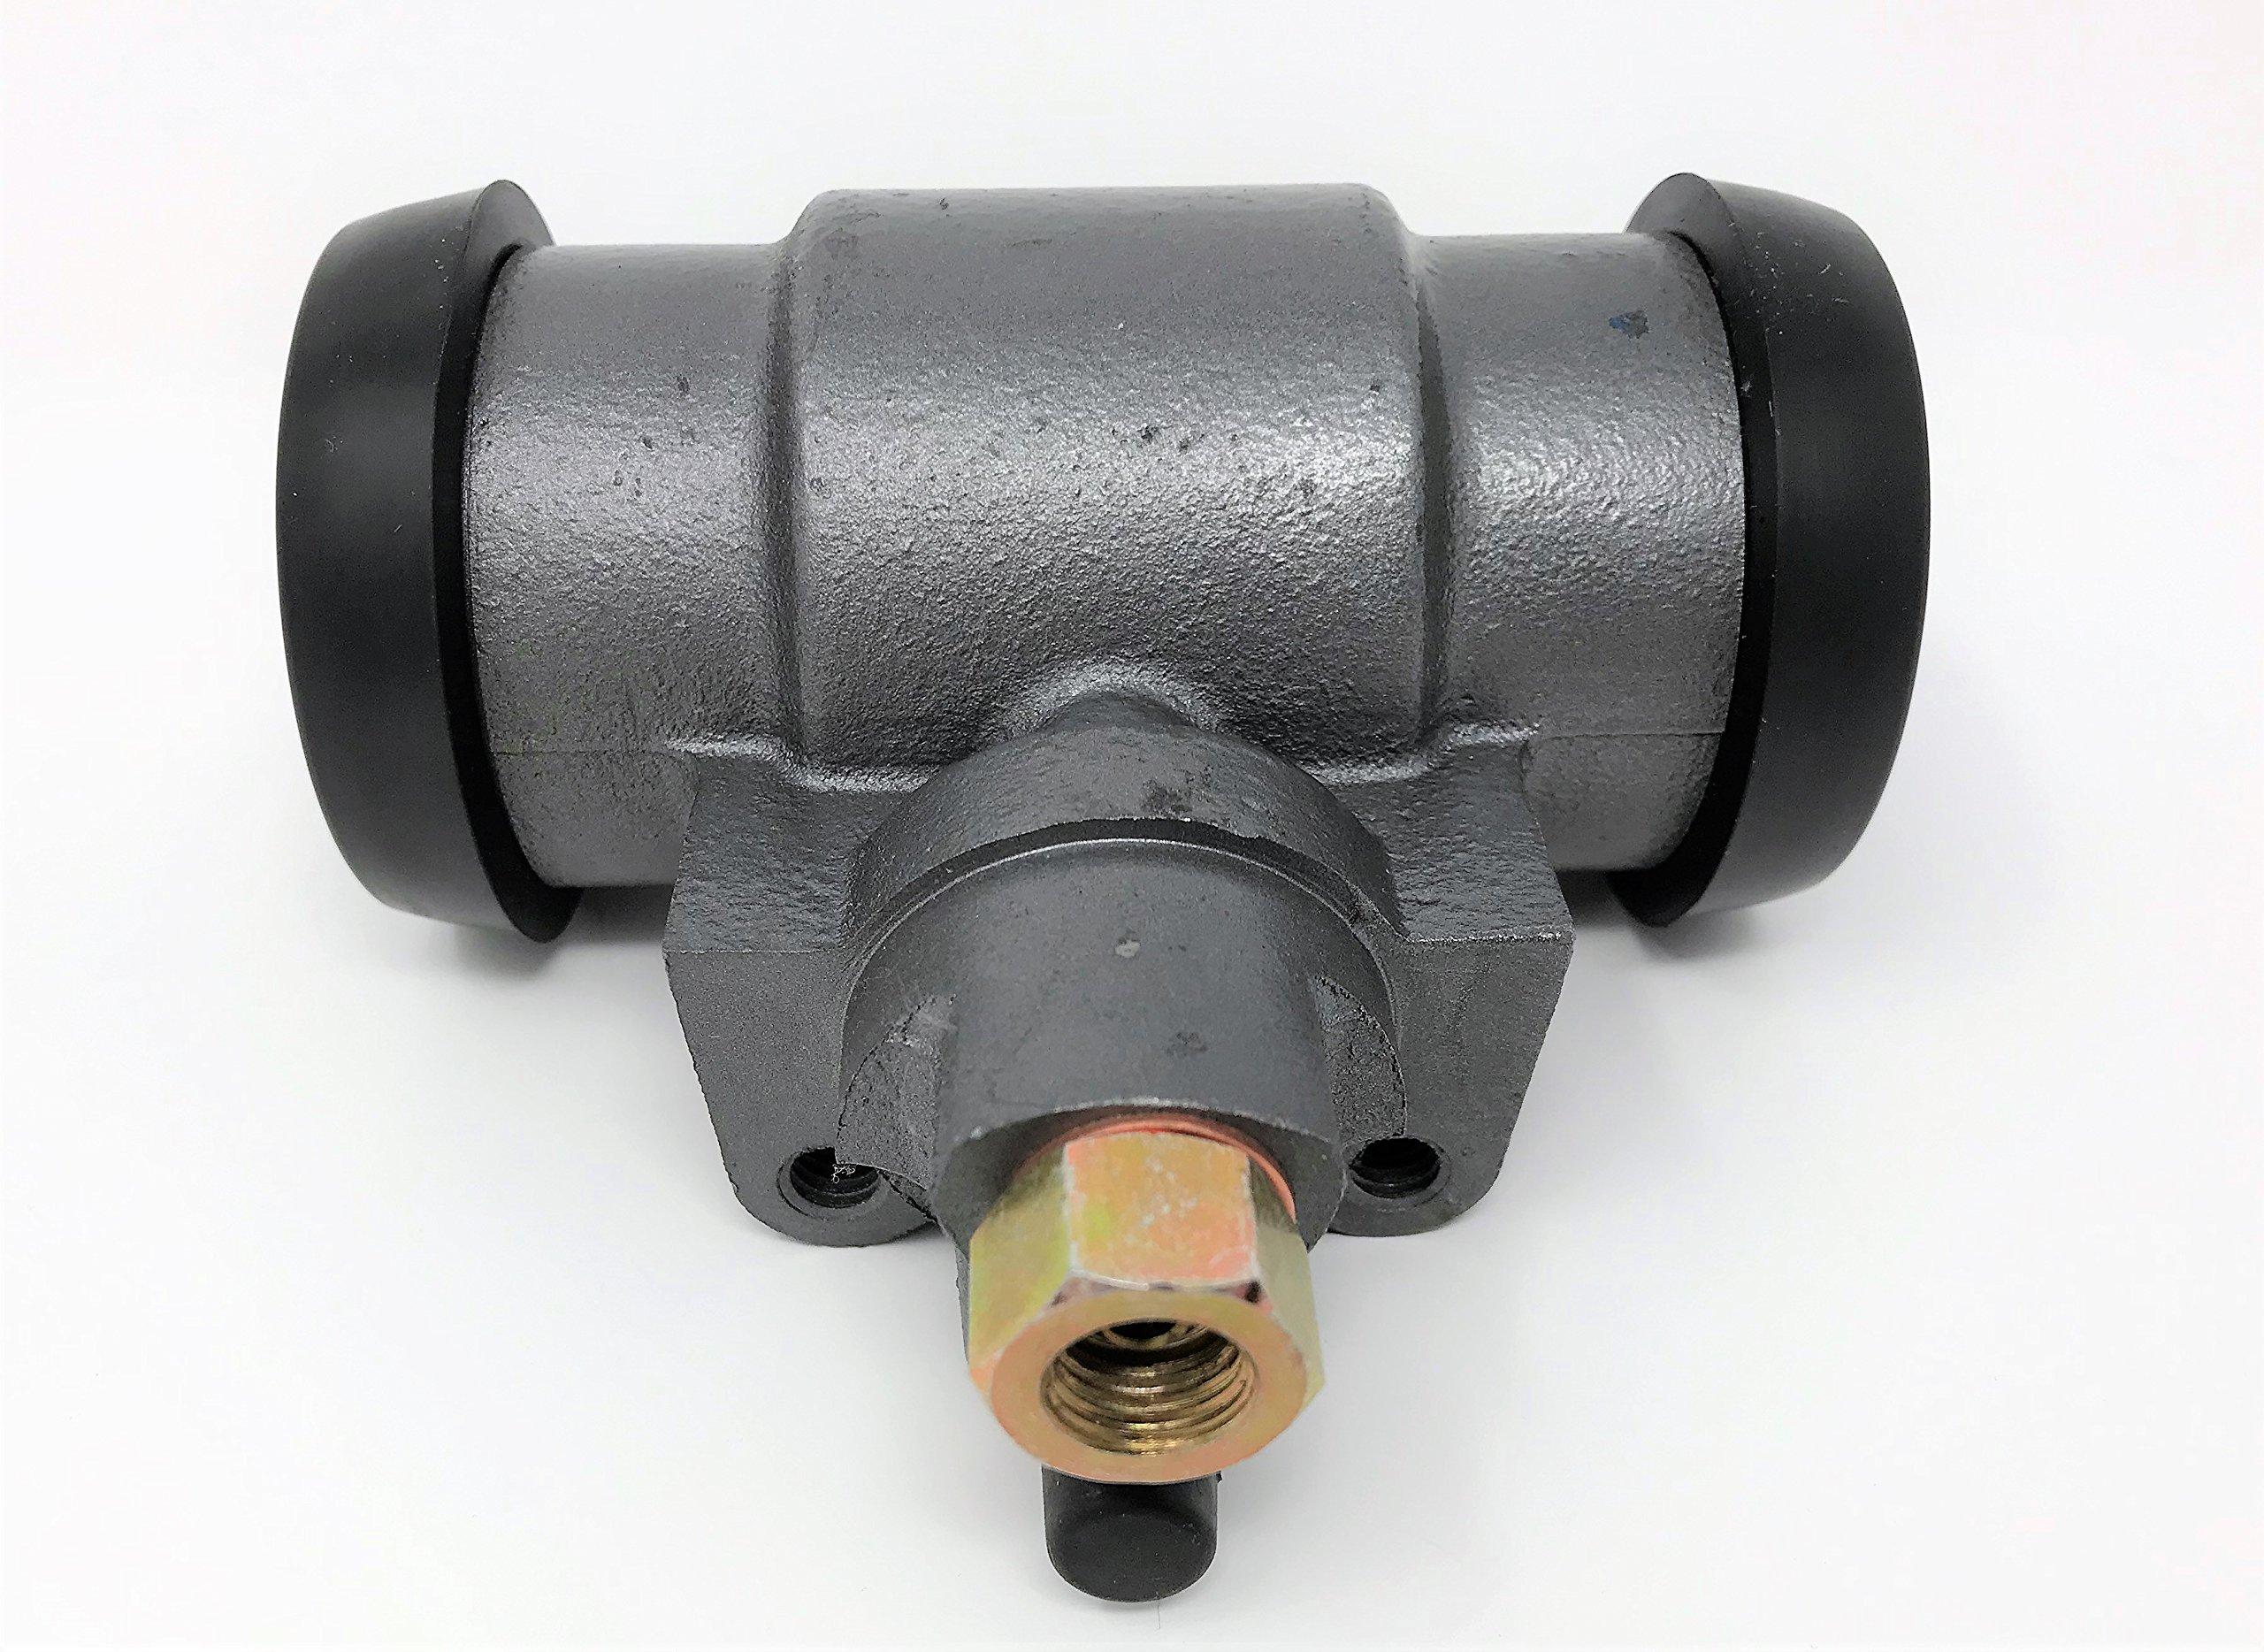 85253 Brake Wheel Cylinder for Dresser Galion Motor Graders D-85253 D85253 D-27233 27233 VP3818